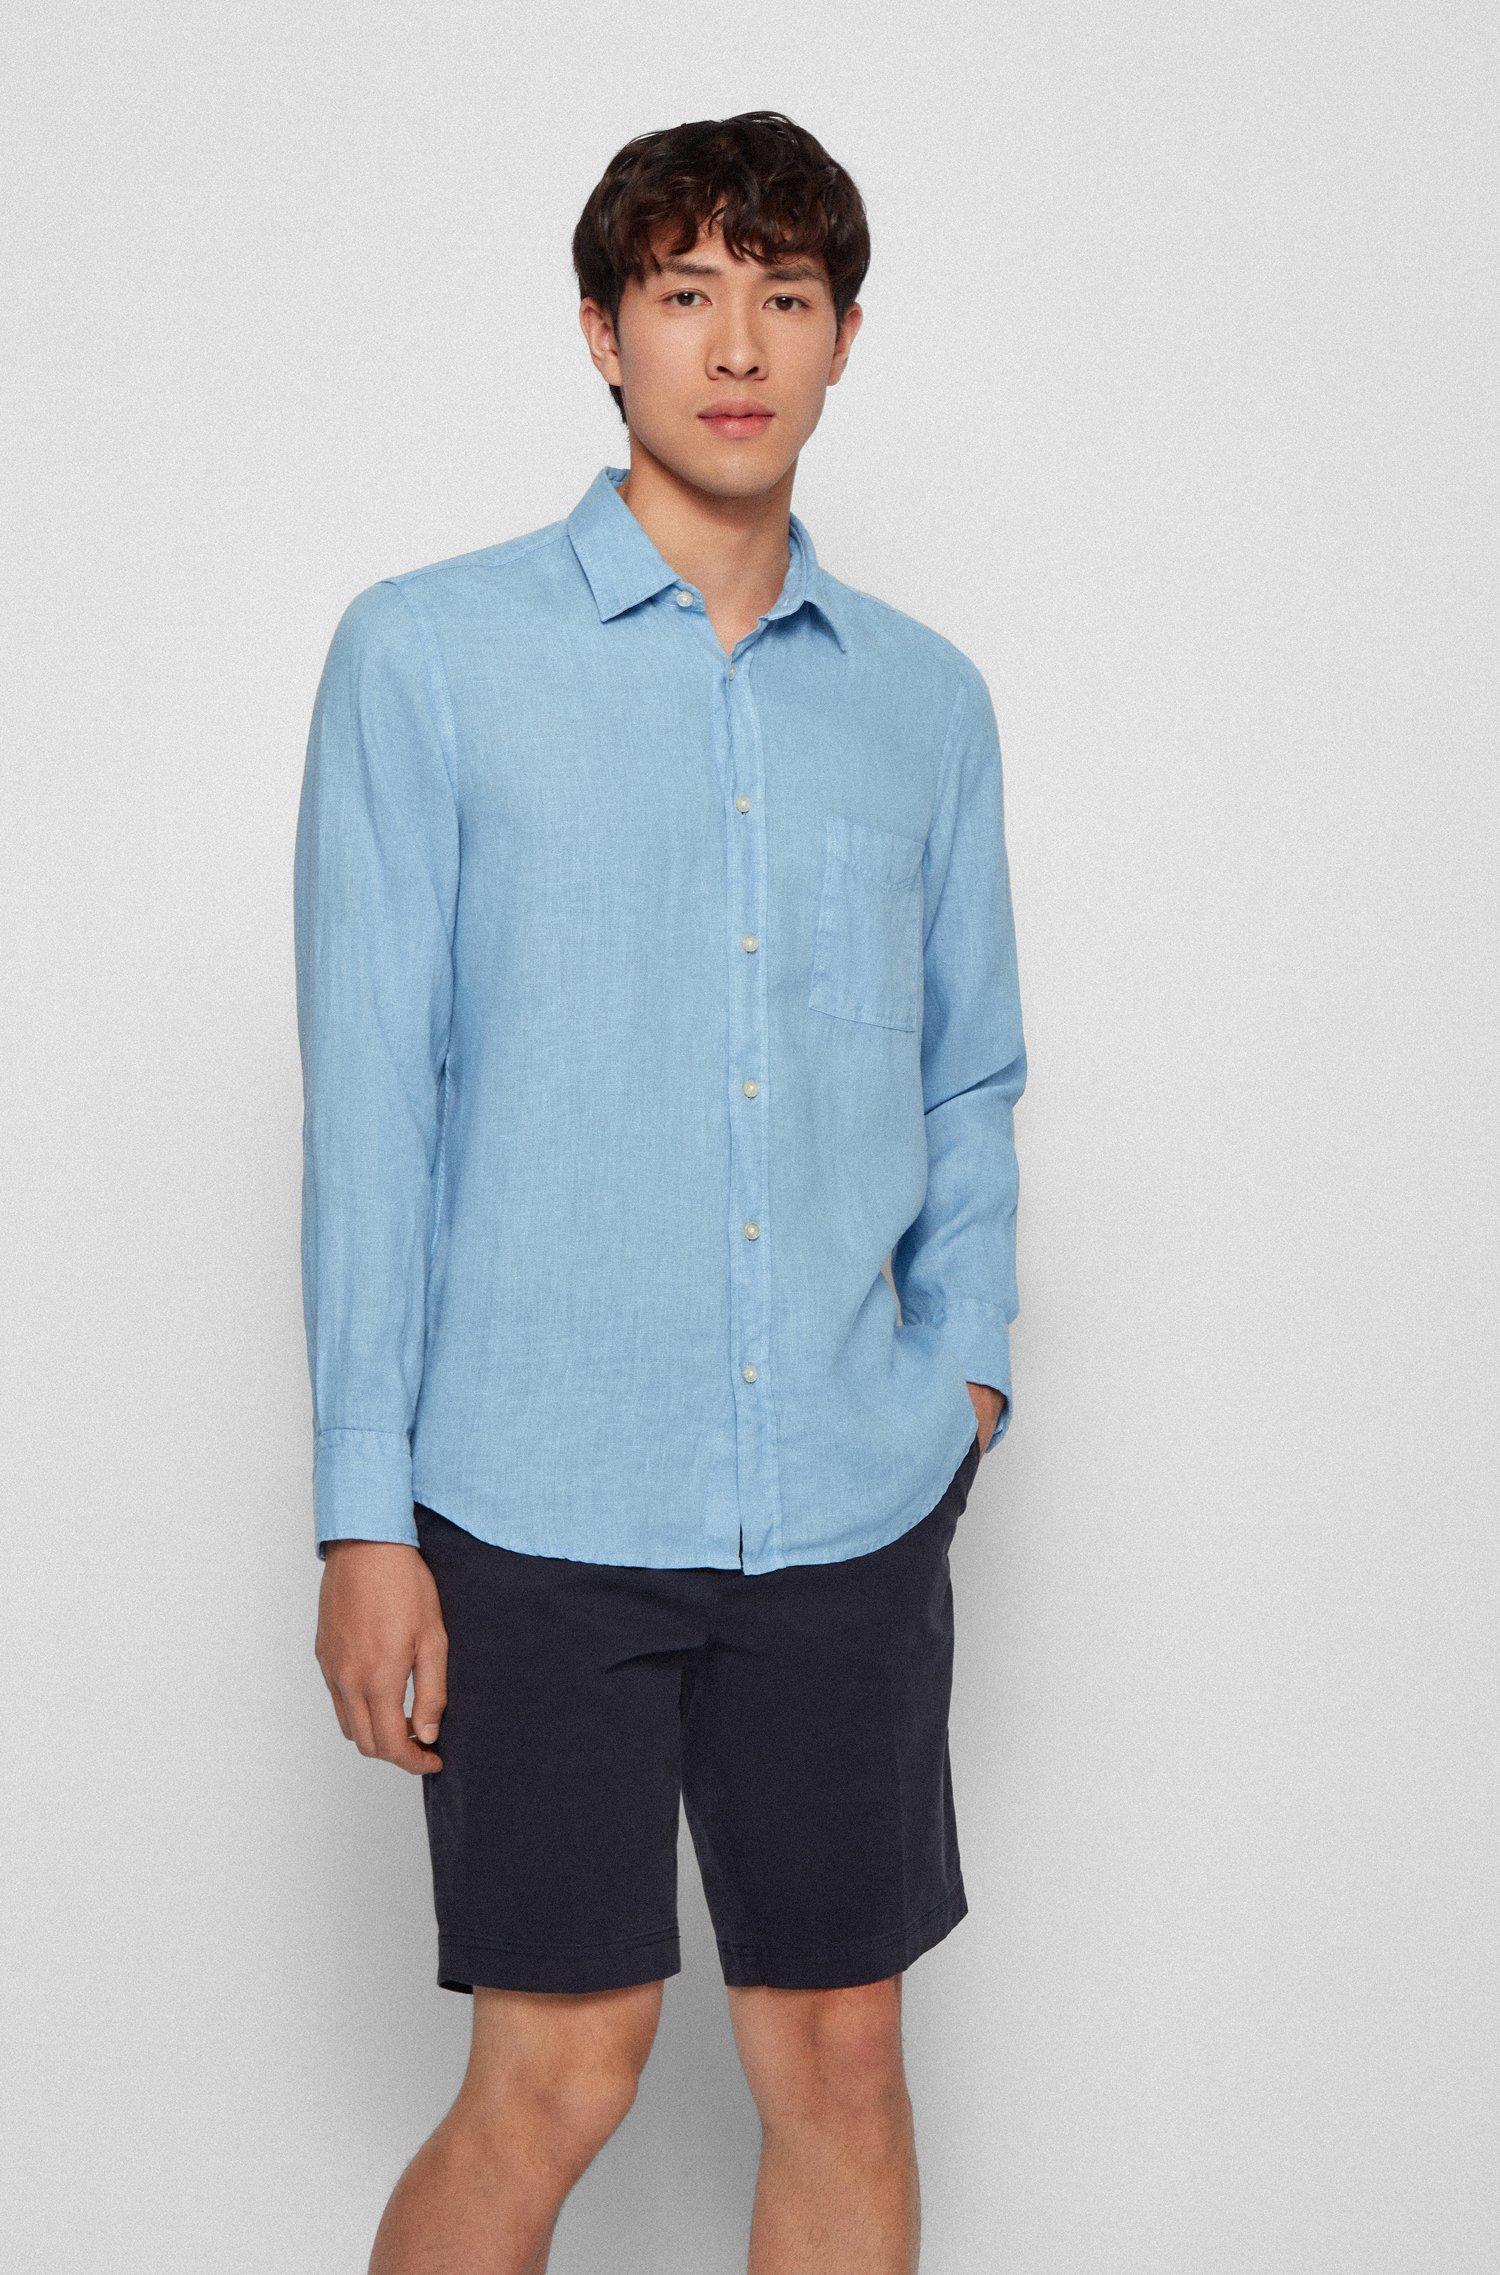 Chemise Regular Fit en pur lin avec étiquette logo, bleu clair